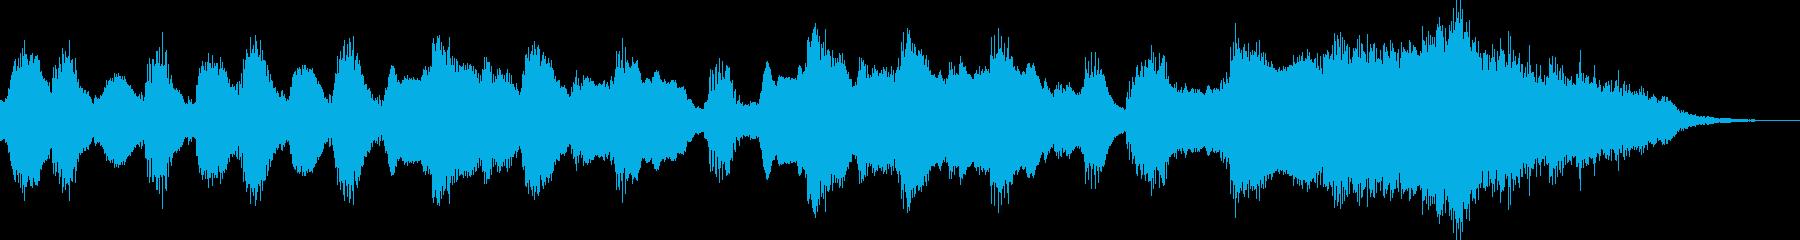 フルートが奏でるほのぼのジングル・後半の再生済みの波形